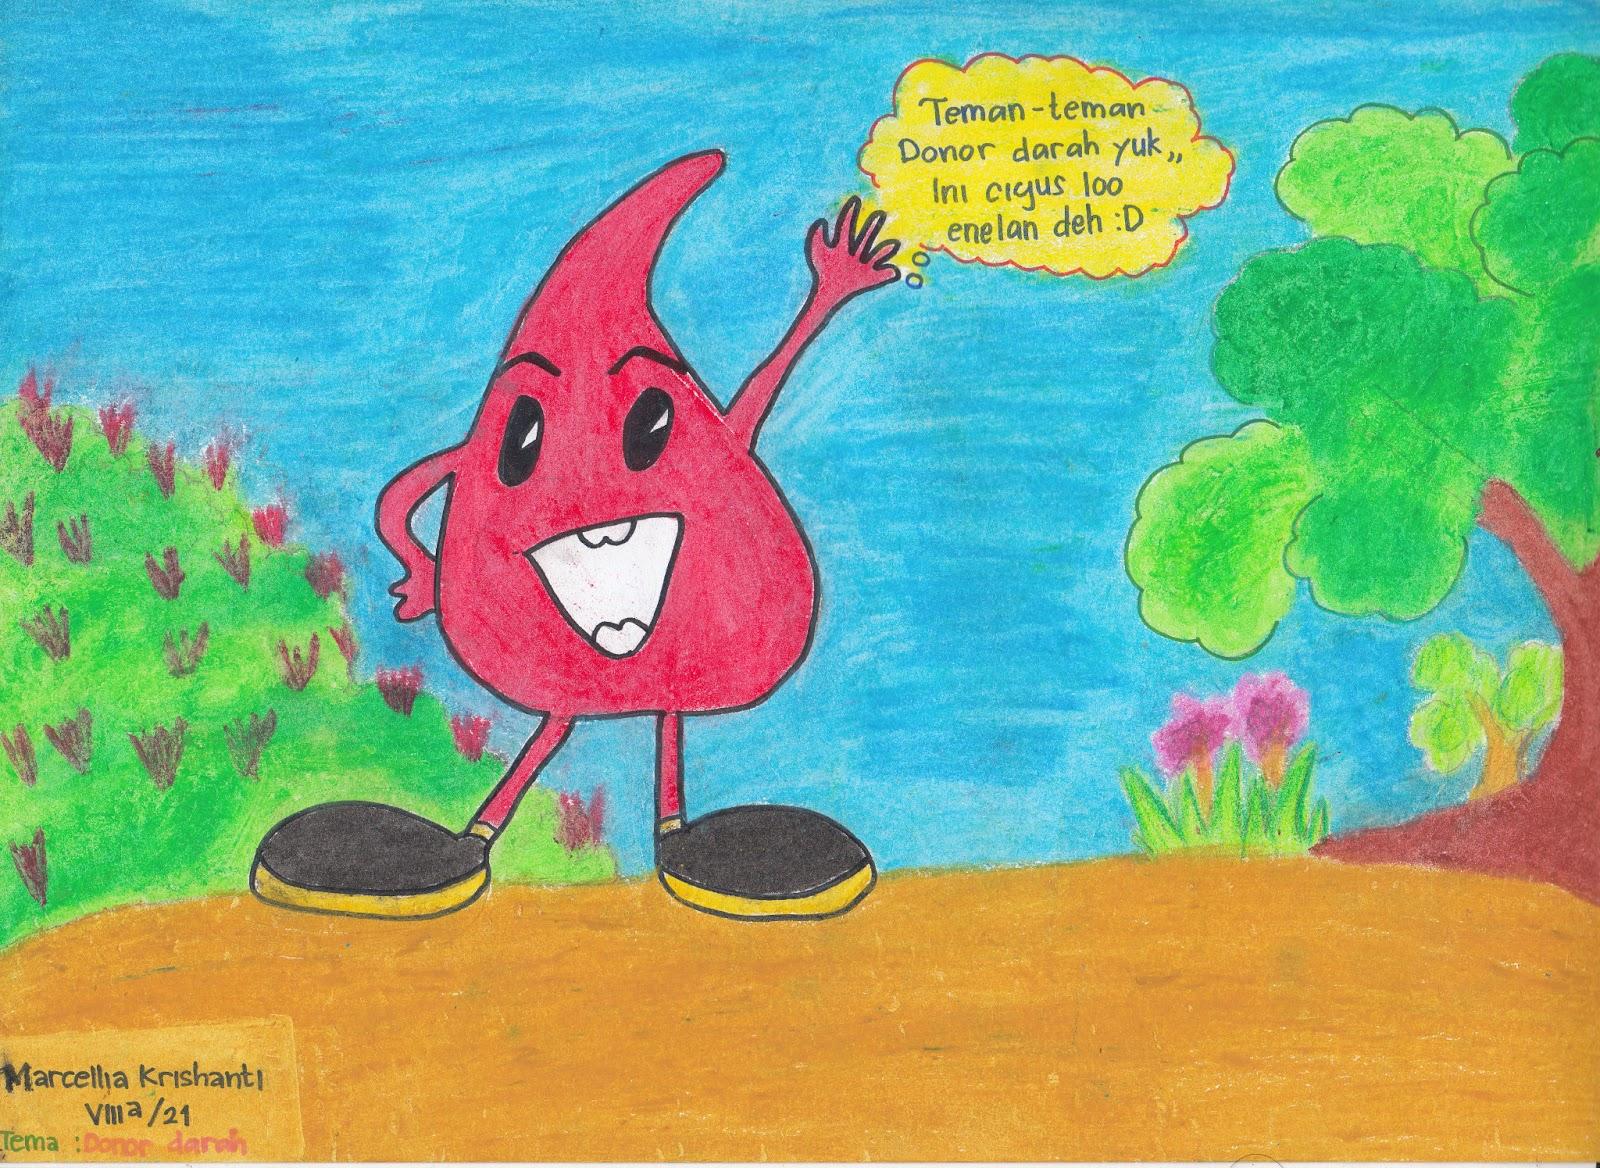 Palmepatsa Palang Merah Remaja Smpn 41 Surabaya Poster Donor Darah